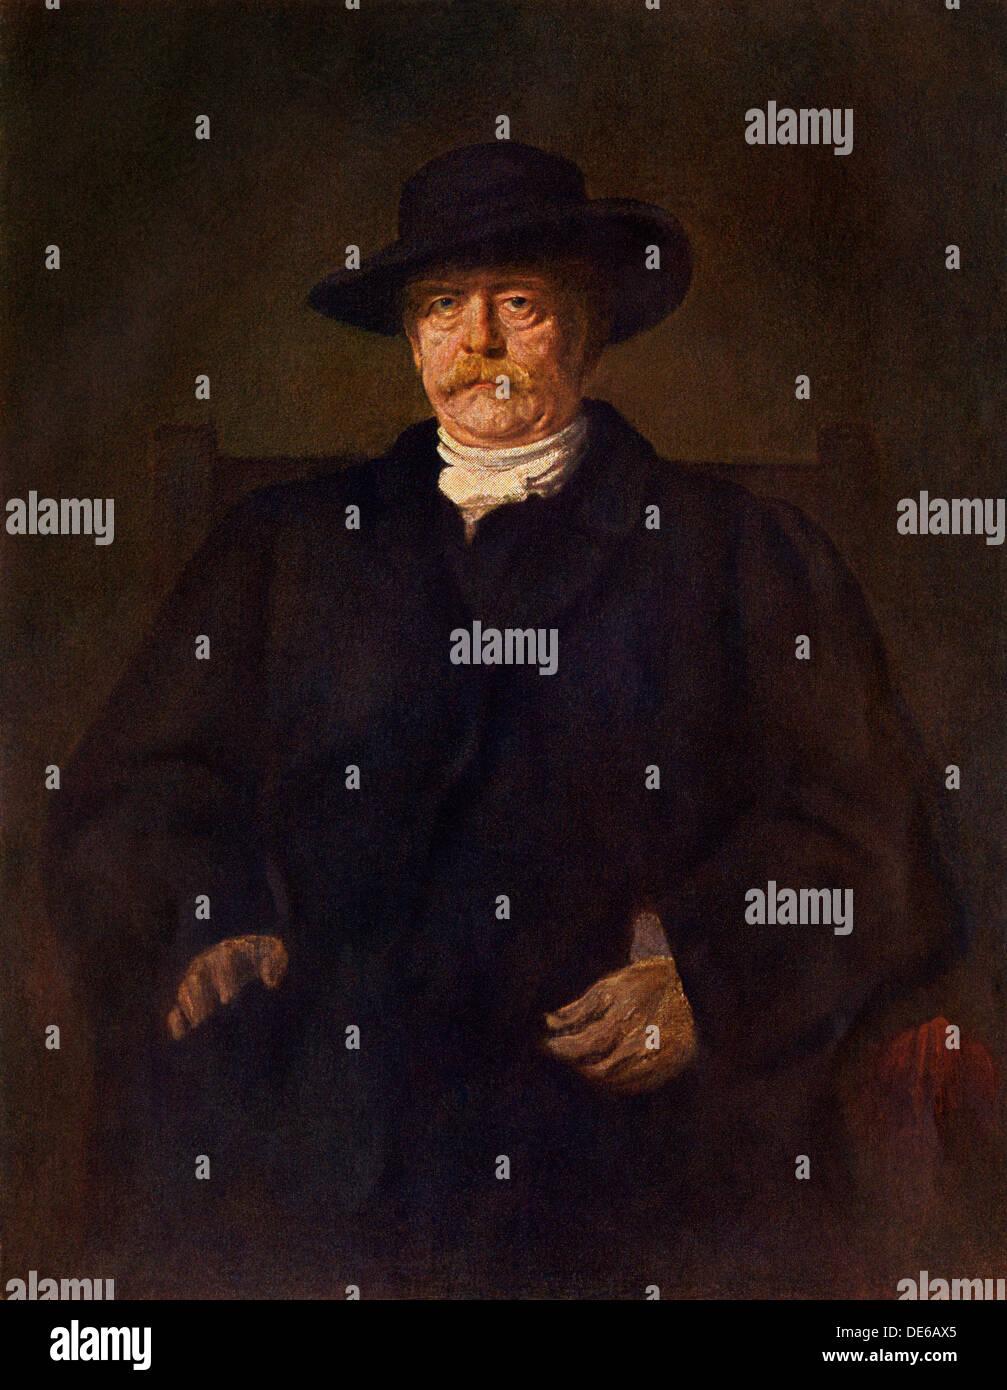 Preußischen Staatsmann Otto von Bismarck. Stockbild